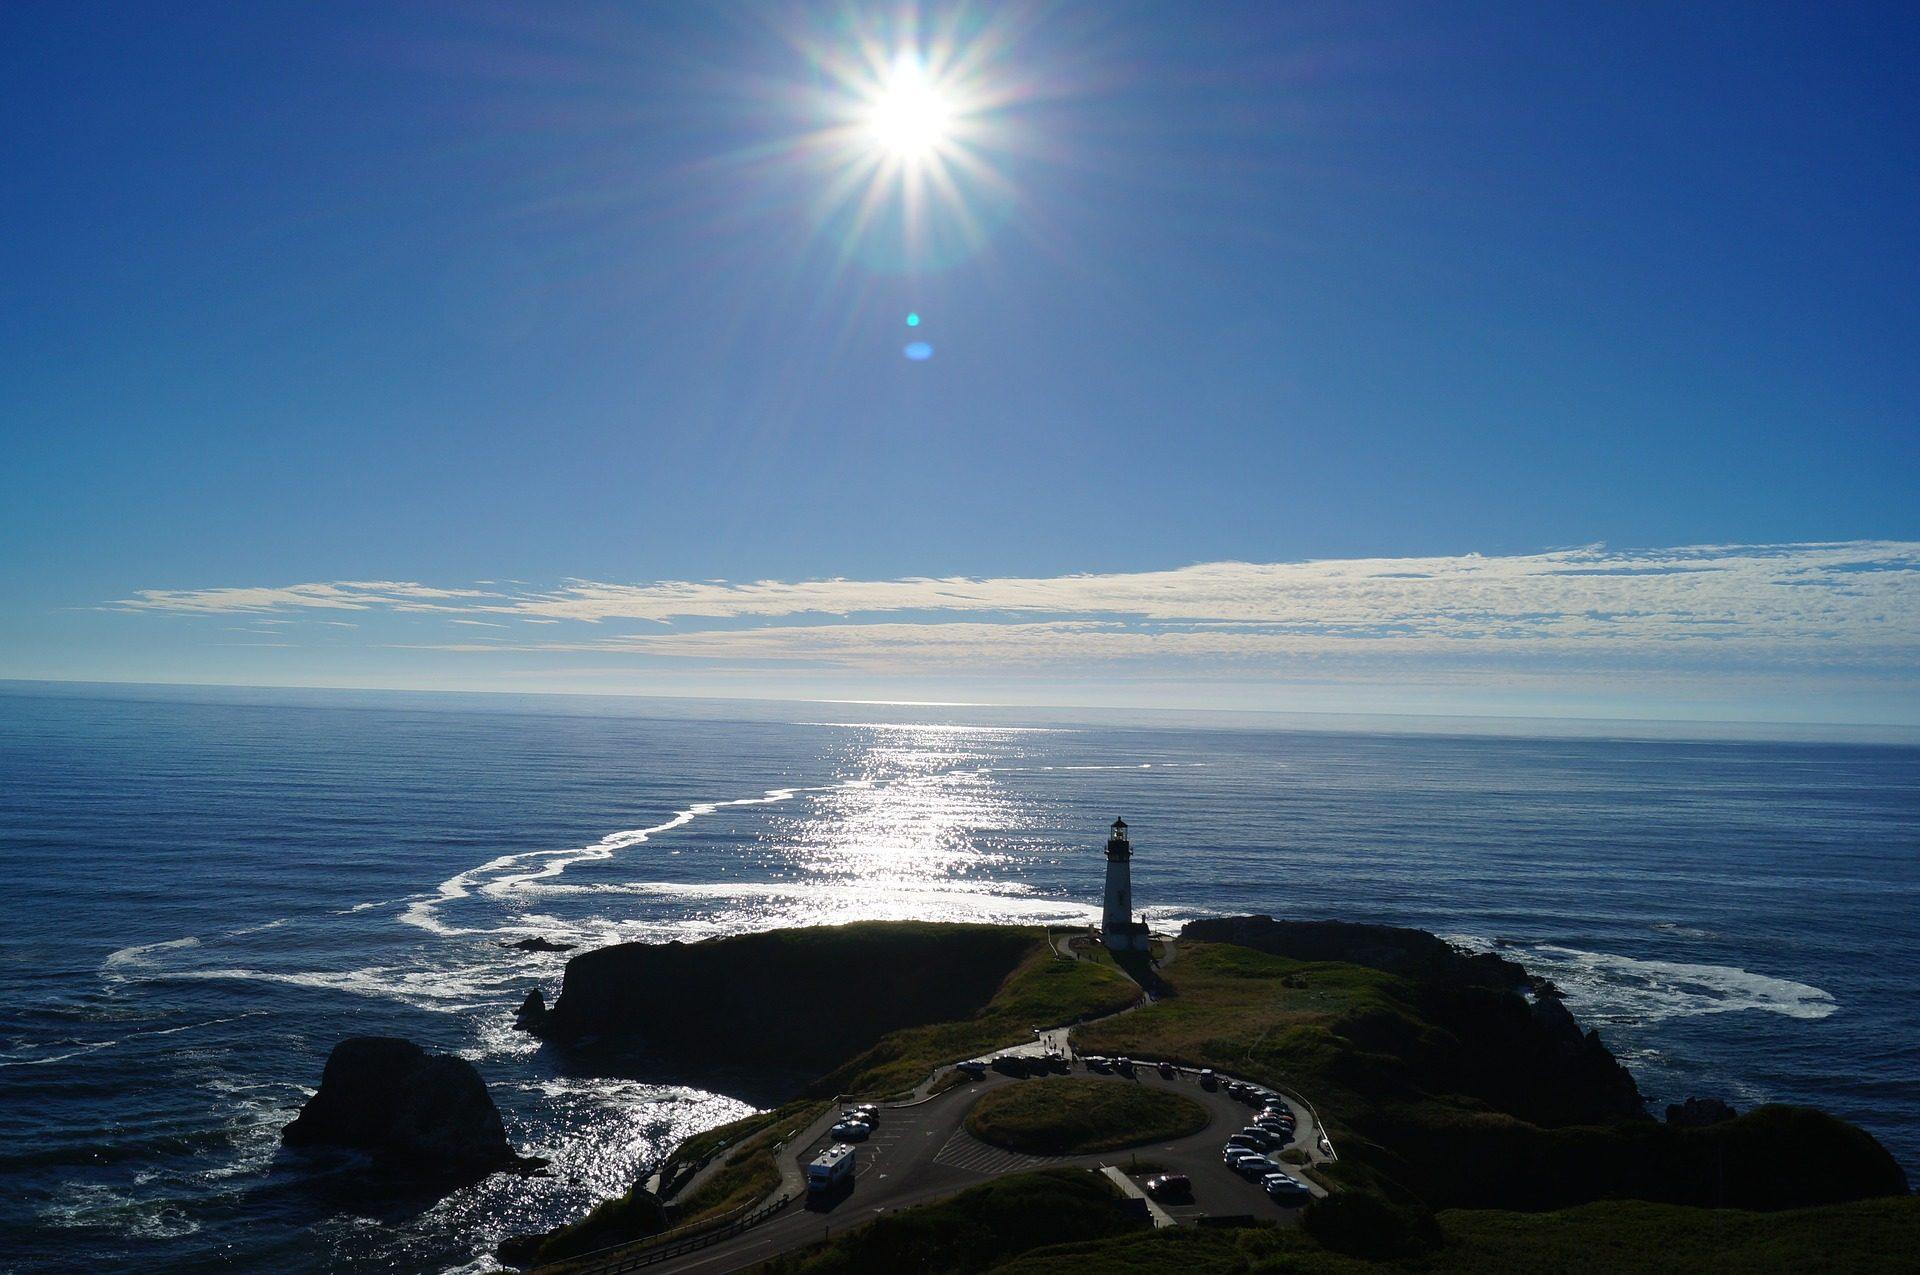 海, 海洋, 太阳, 哥斯达黎加, 灯塔, 指南 - 高清壁纸 - 教授-falken.com